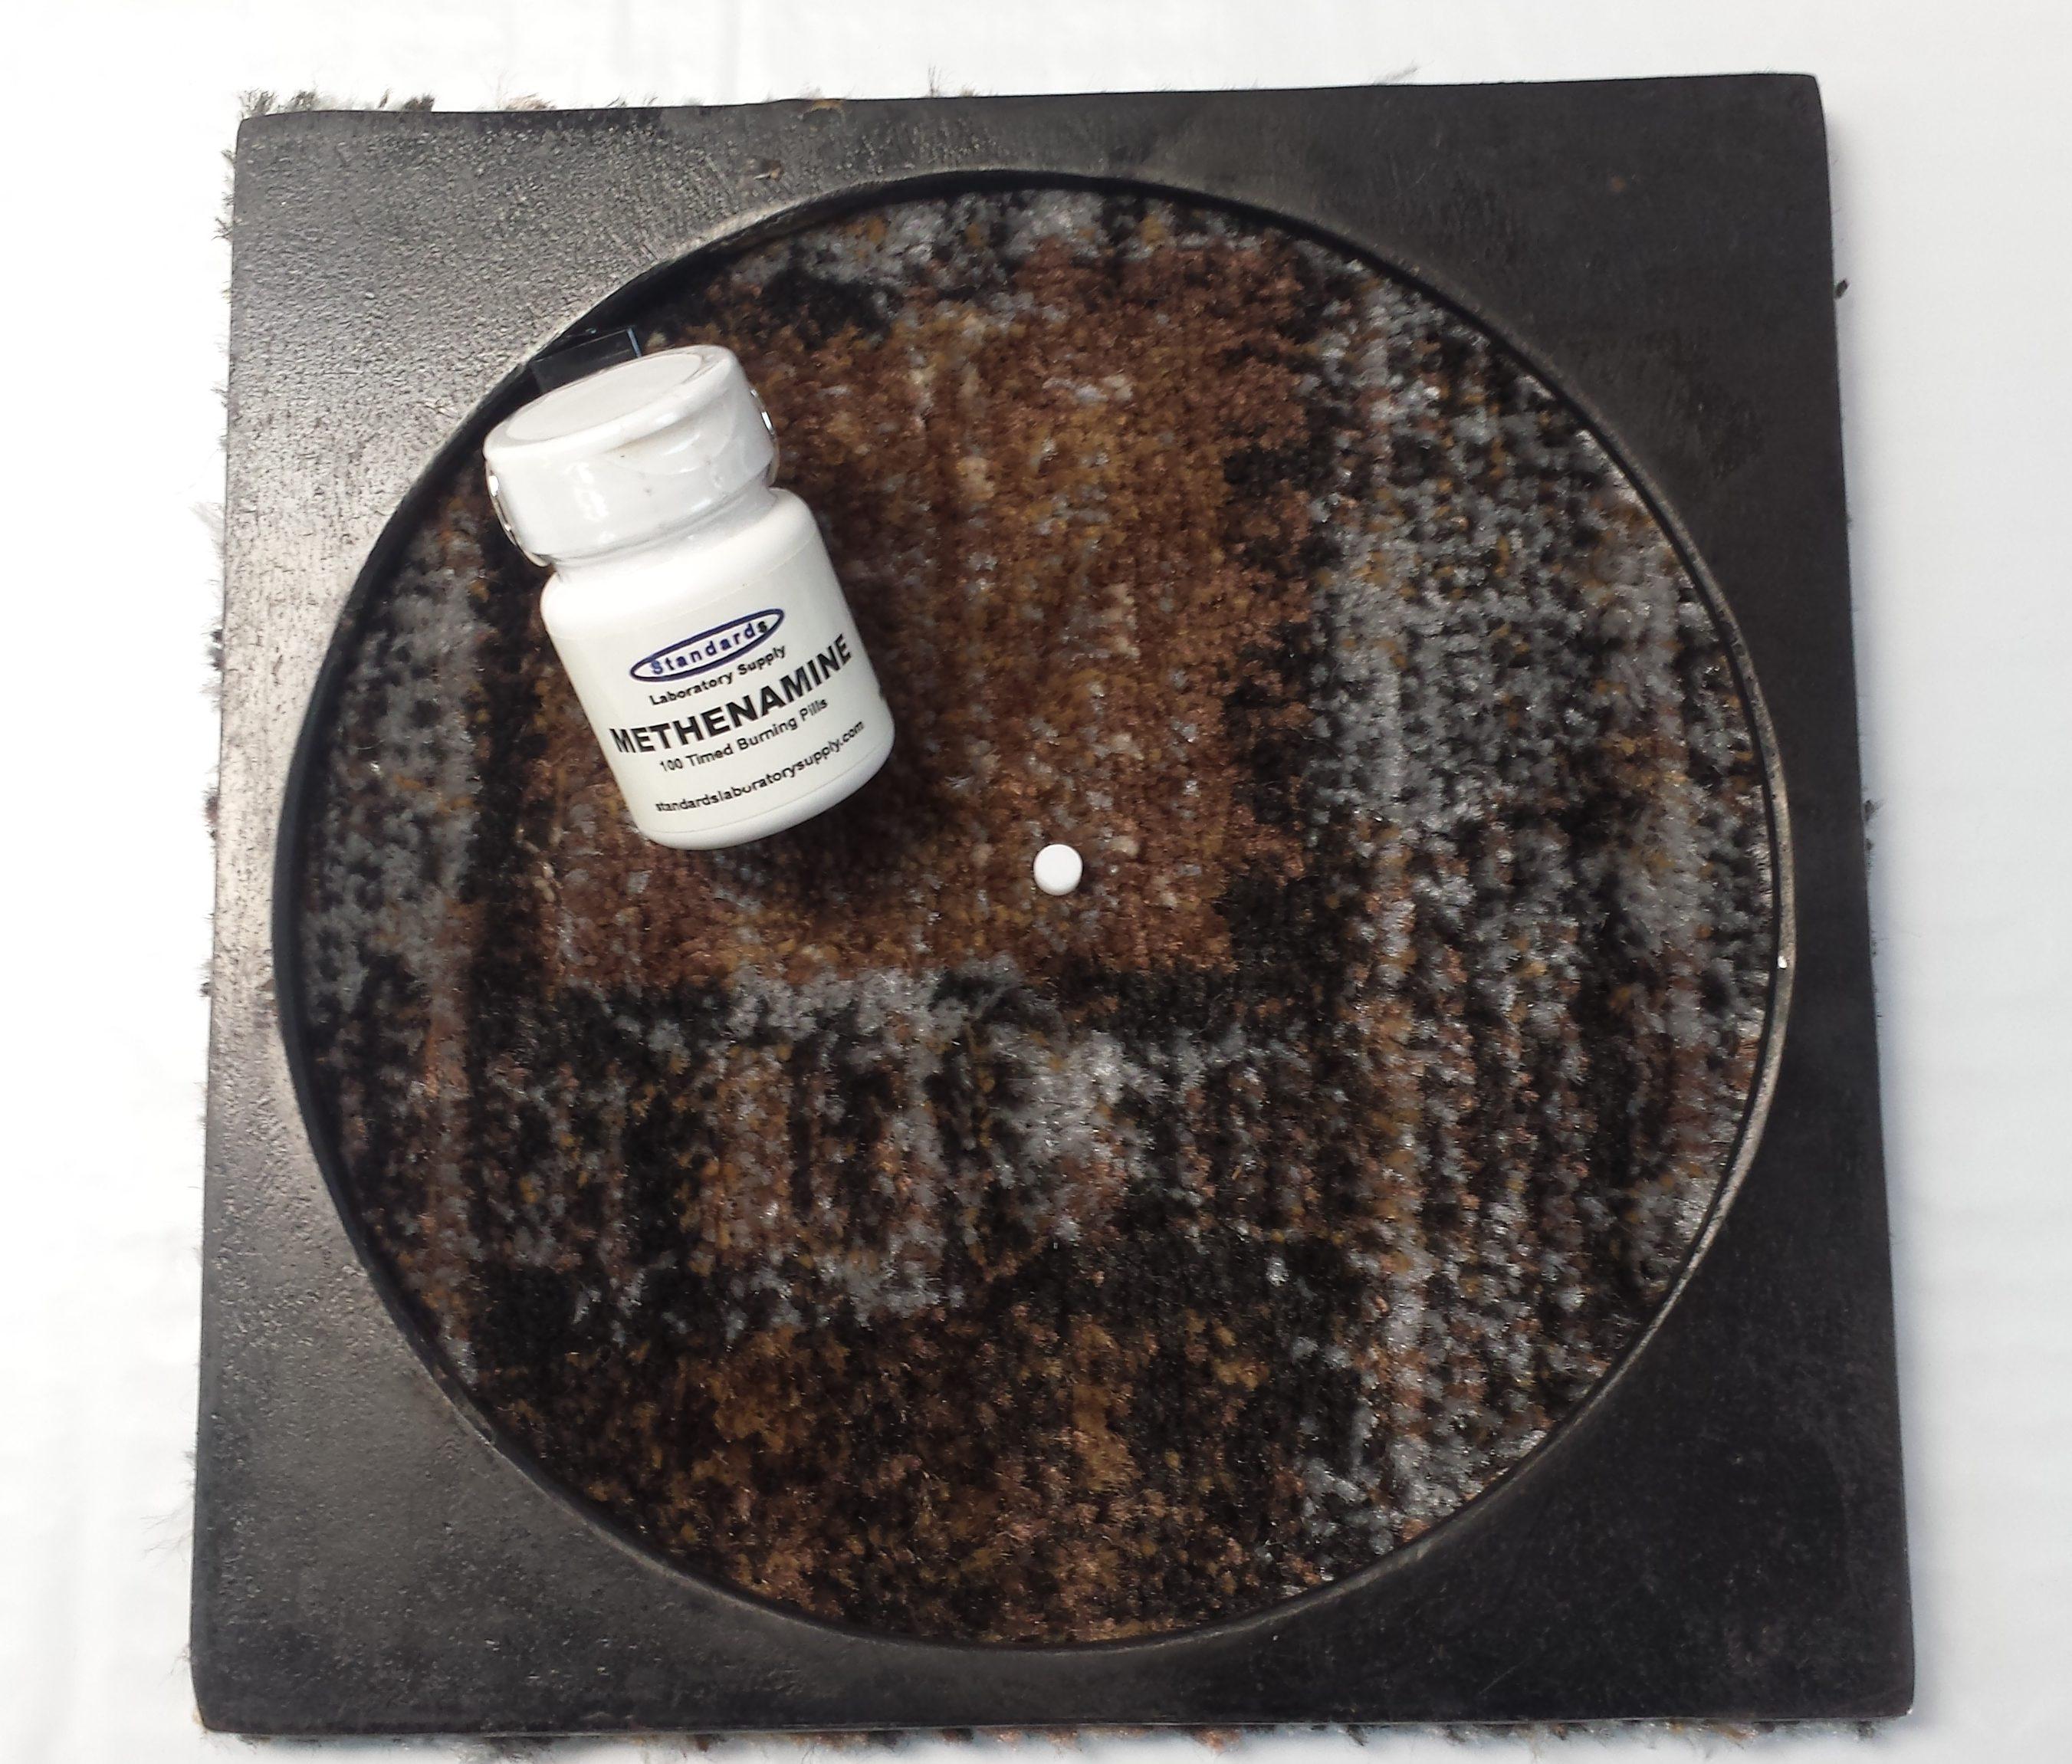 Methenamine Timed Burning Pill Test on Carpet